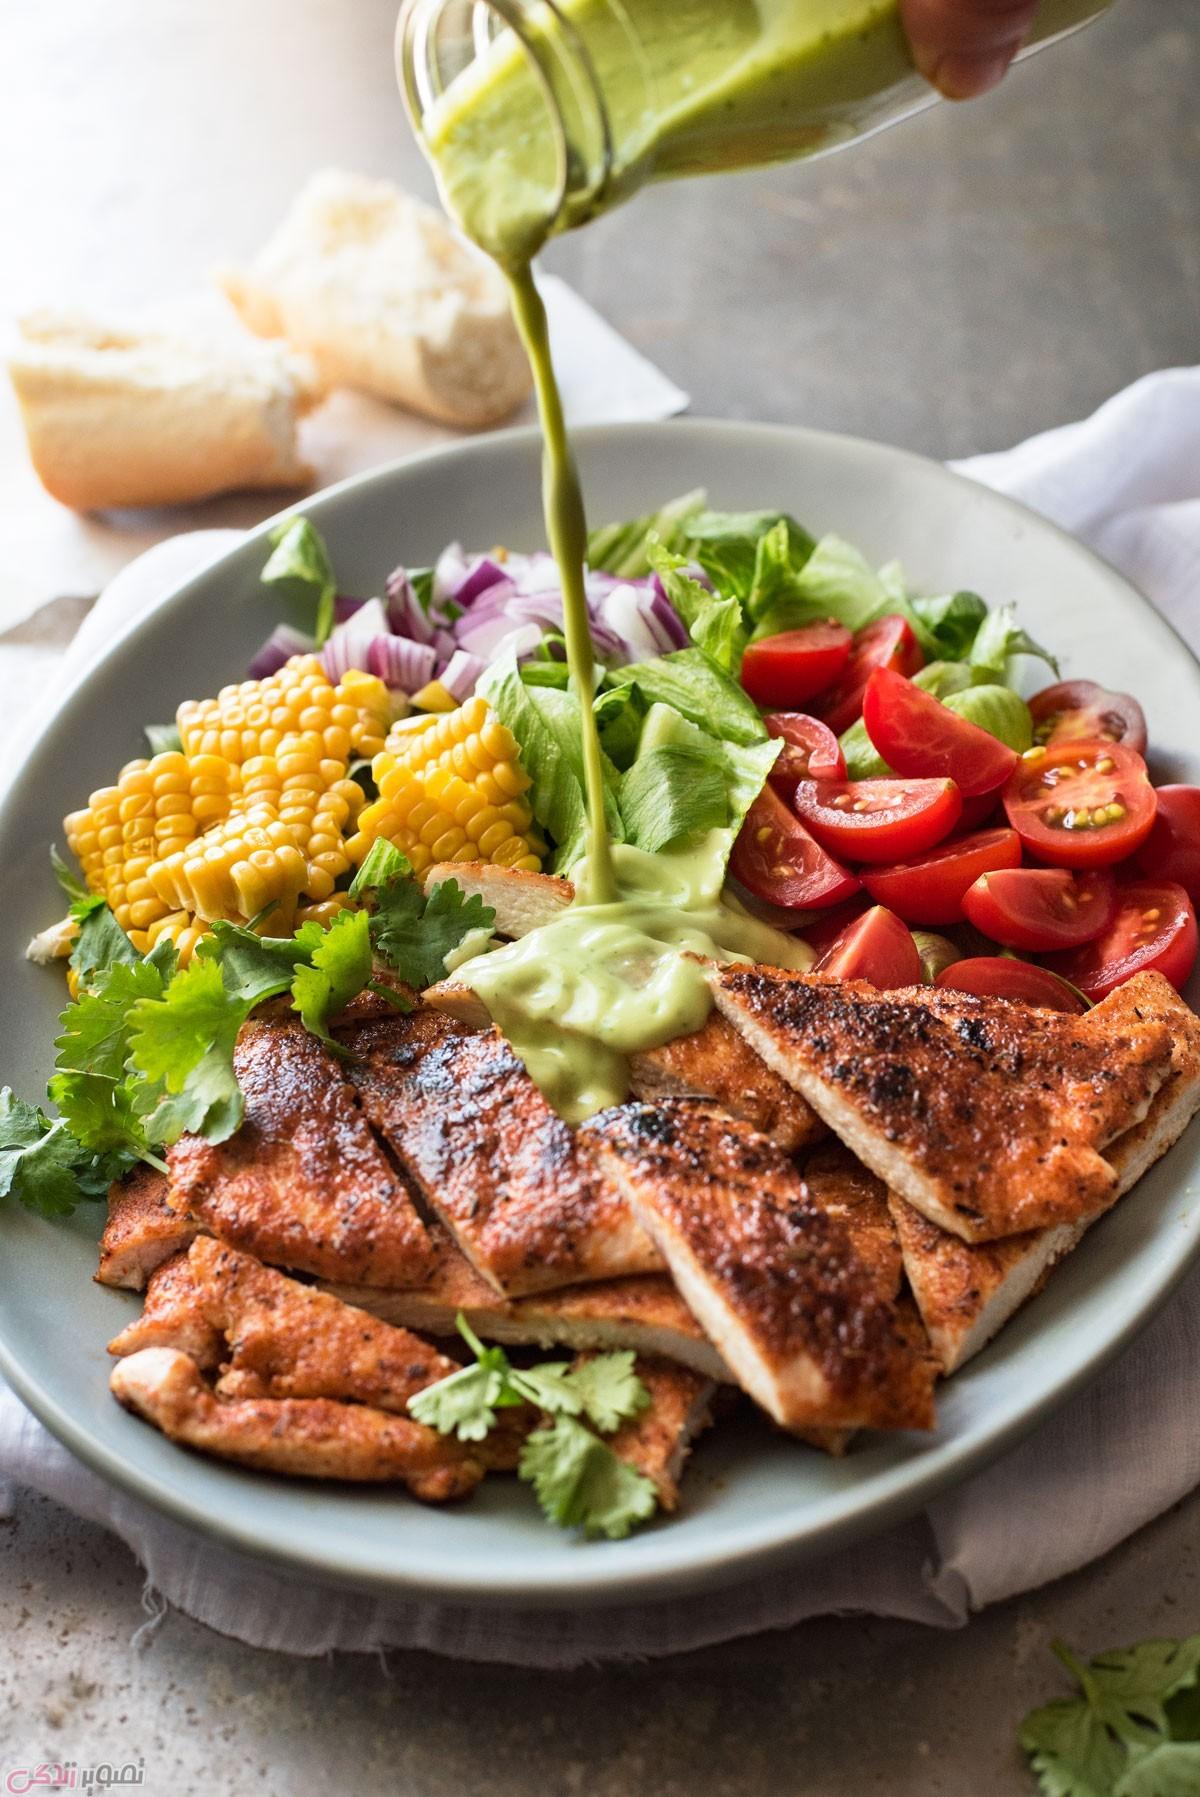 دستور پخت غذا  , طرز تهیه سالاد مرغ کبابی با سس آووکادو / غذای رژیمی